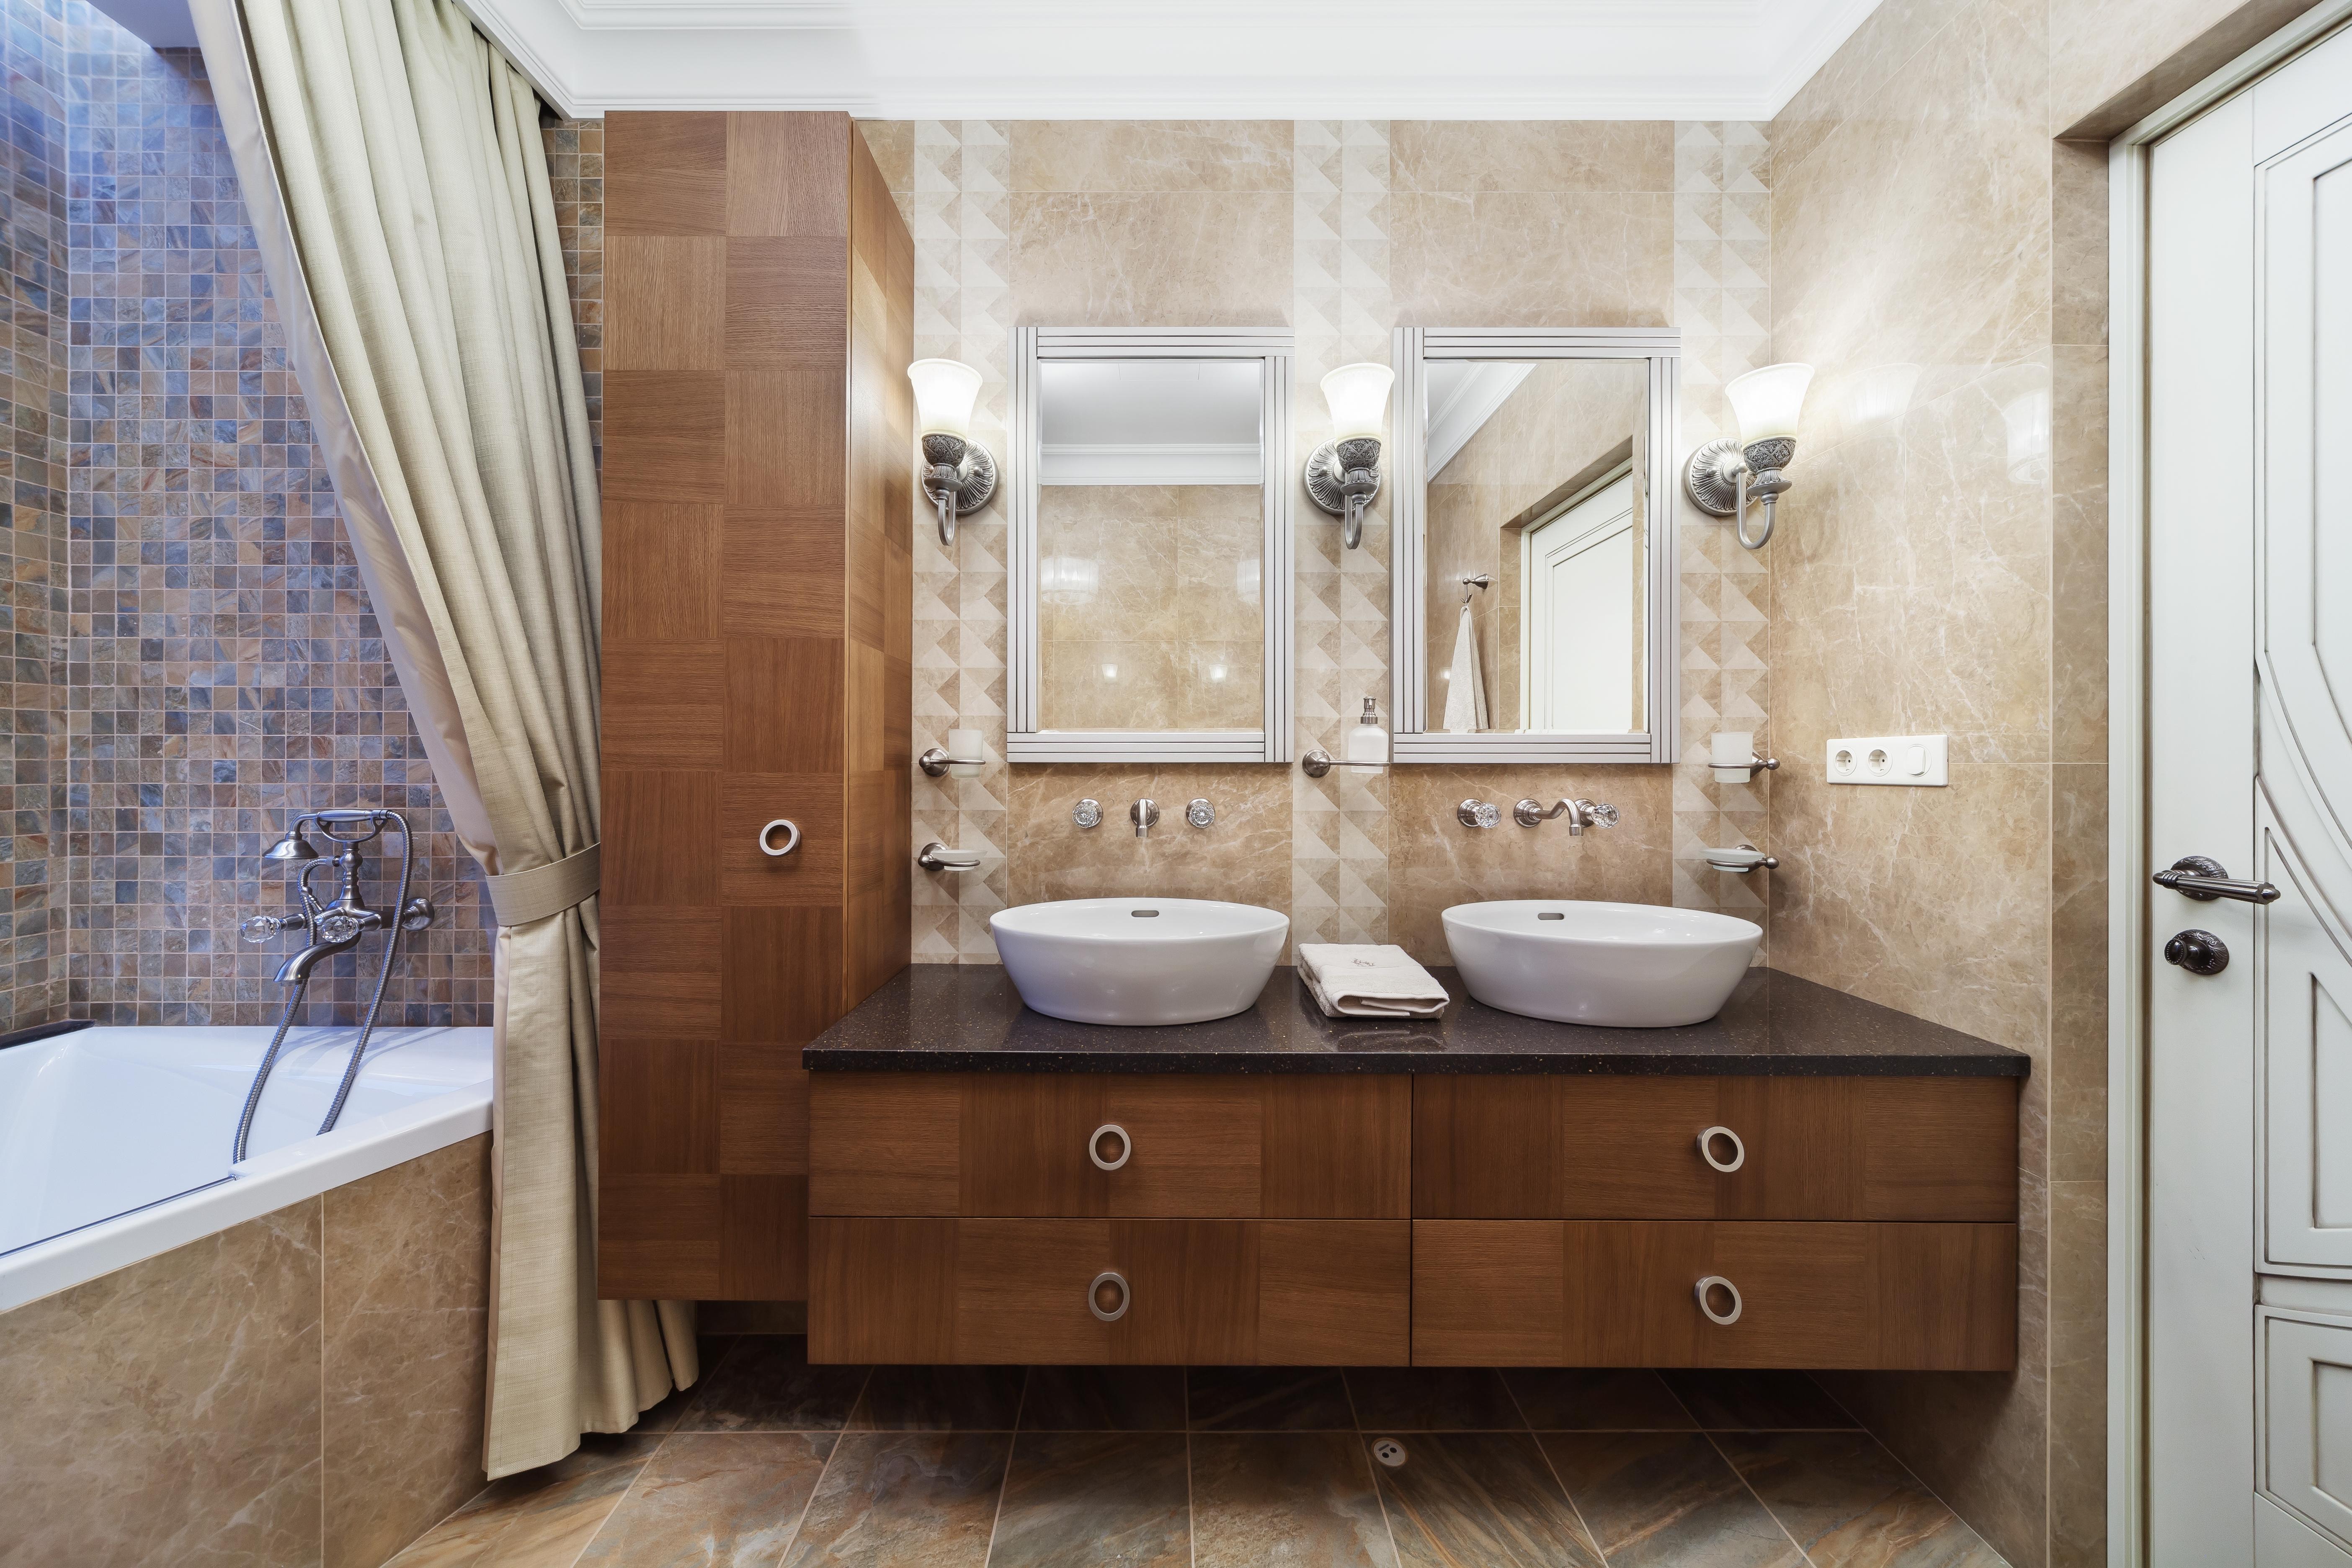 Ванная с мебелью в орехе